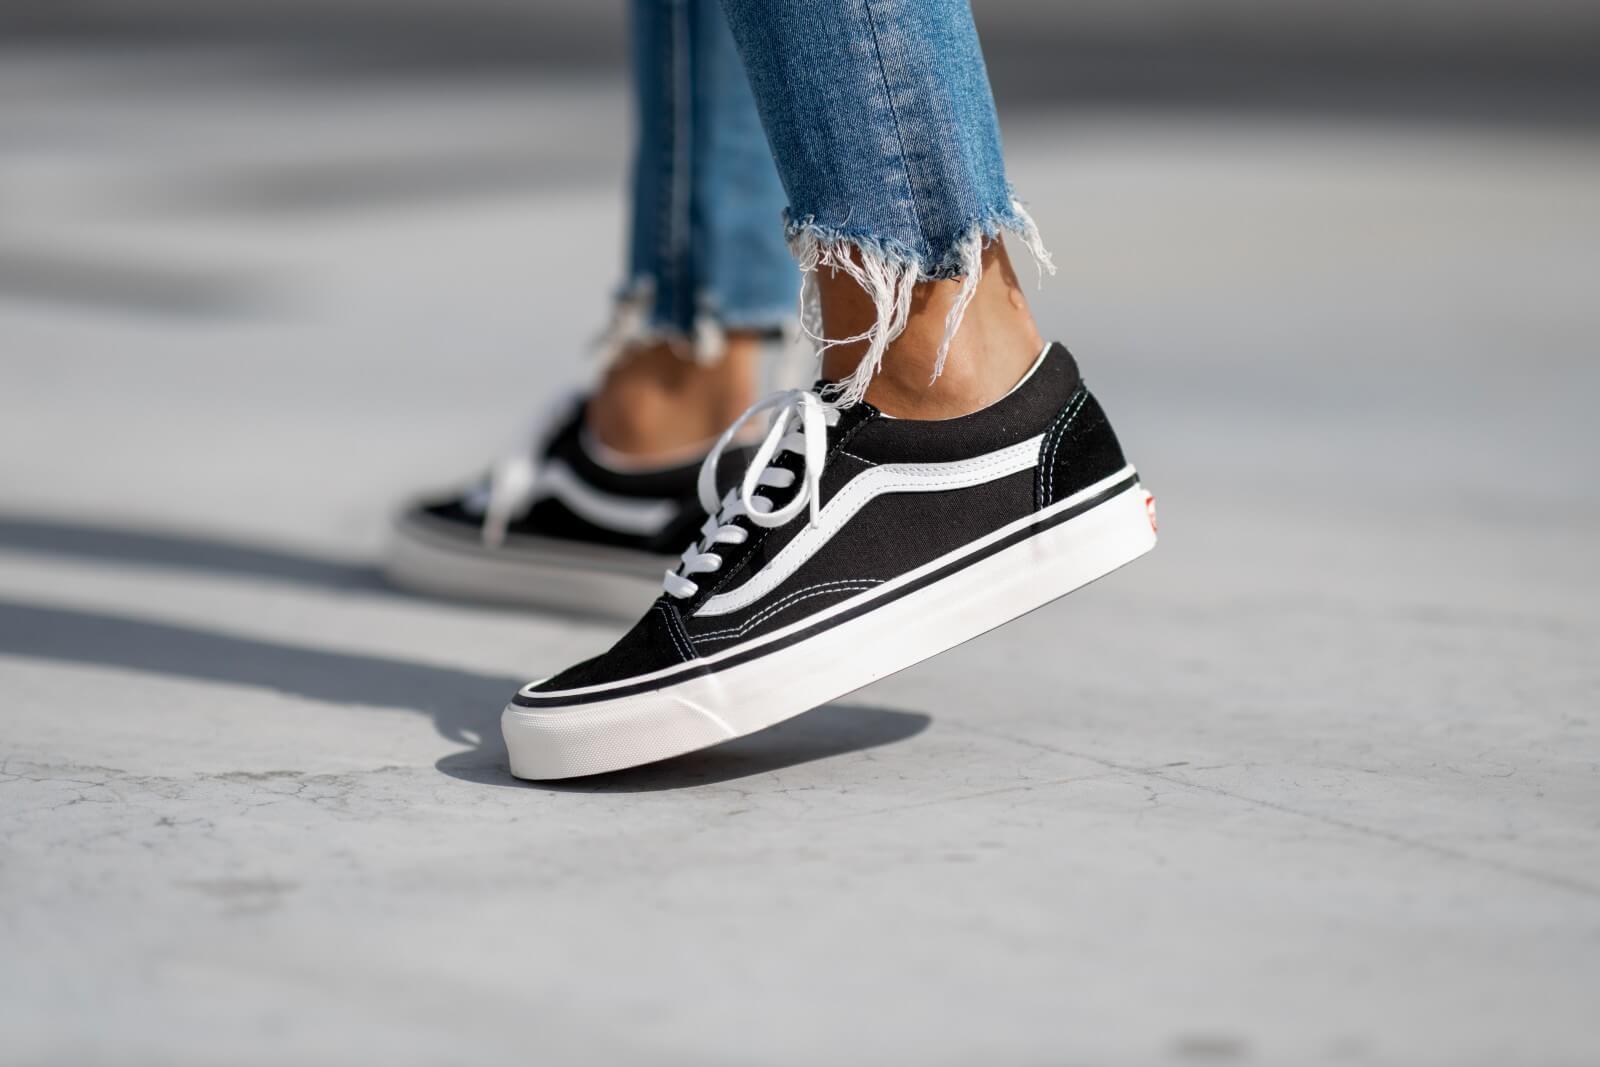 VANS Anaheim Factory Old Skool 36 Dx Schuhe ((anaheim Factory) Blacktrue White) Herren Weiß, Größe 43